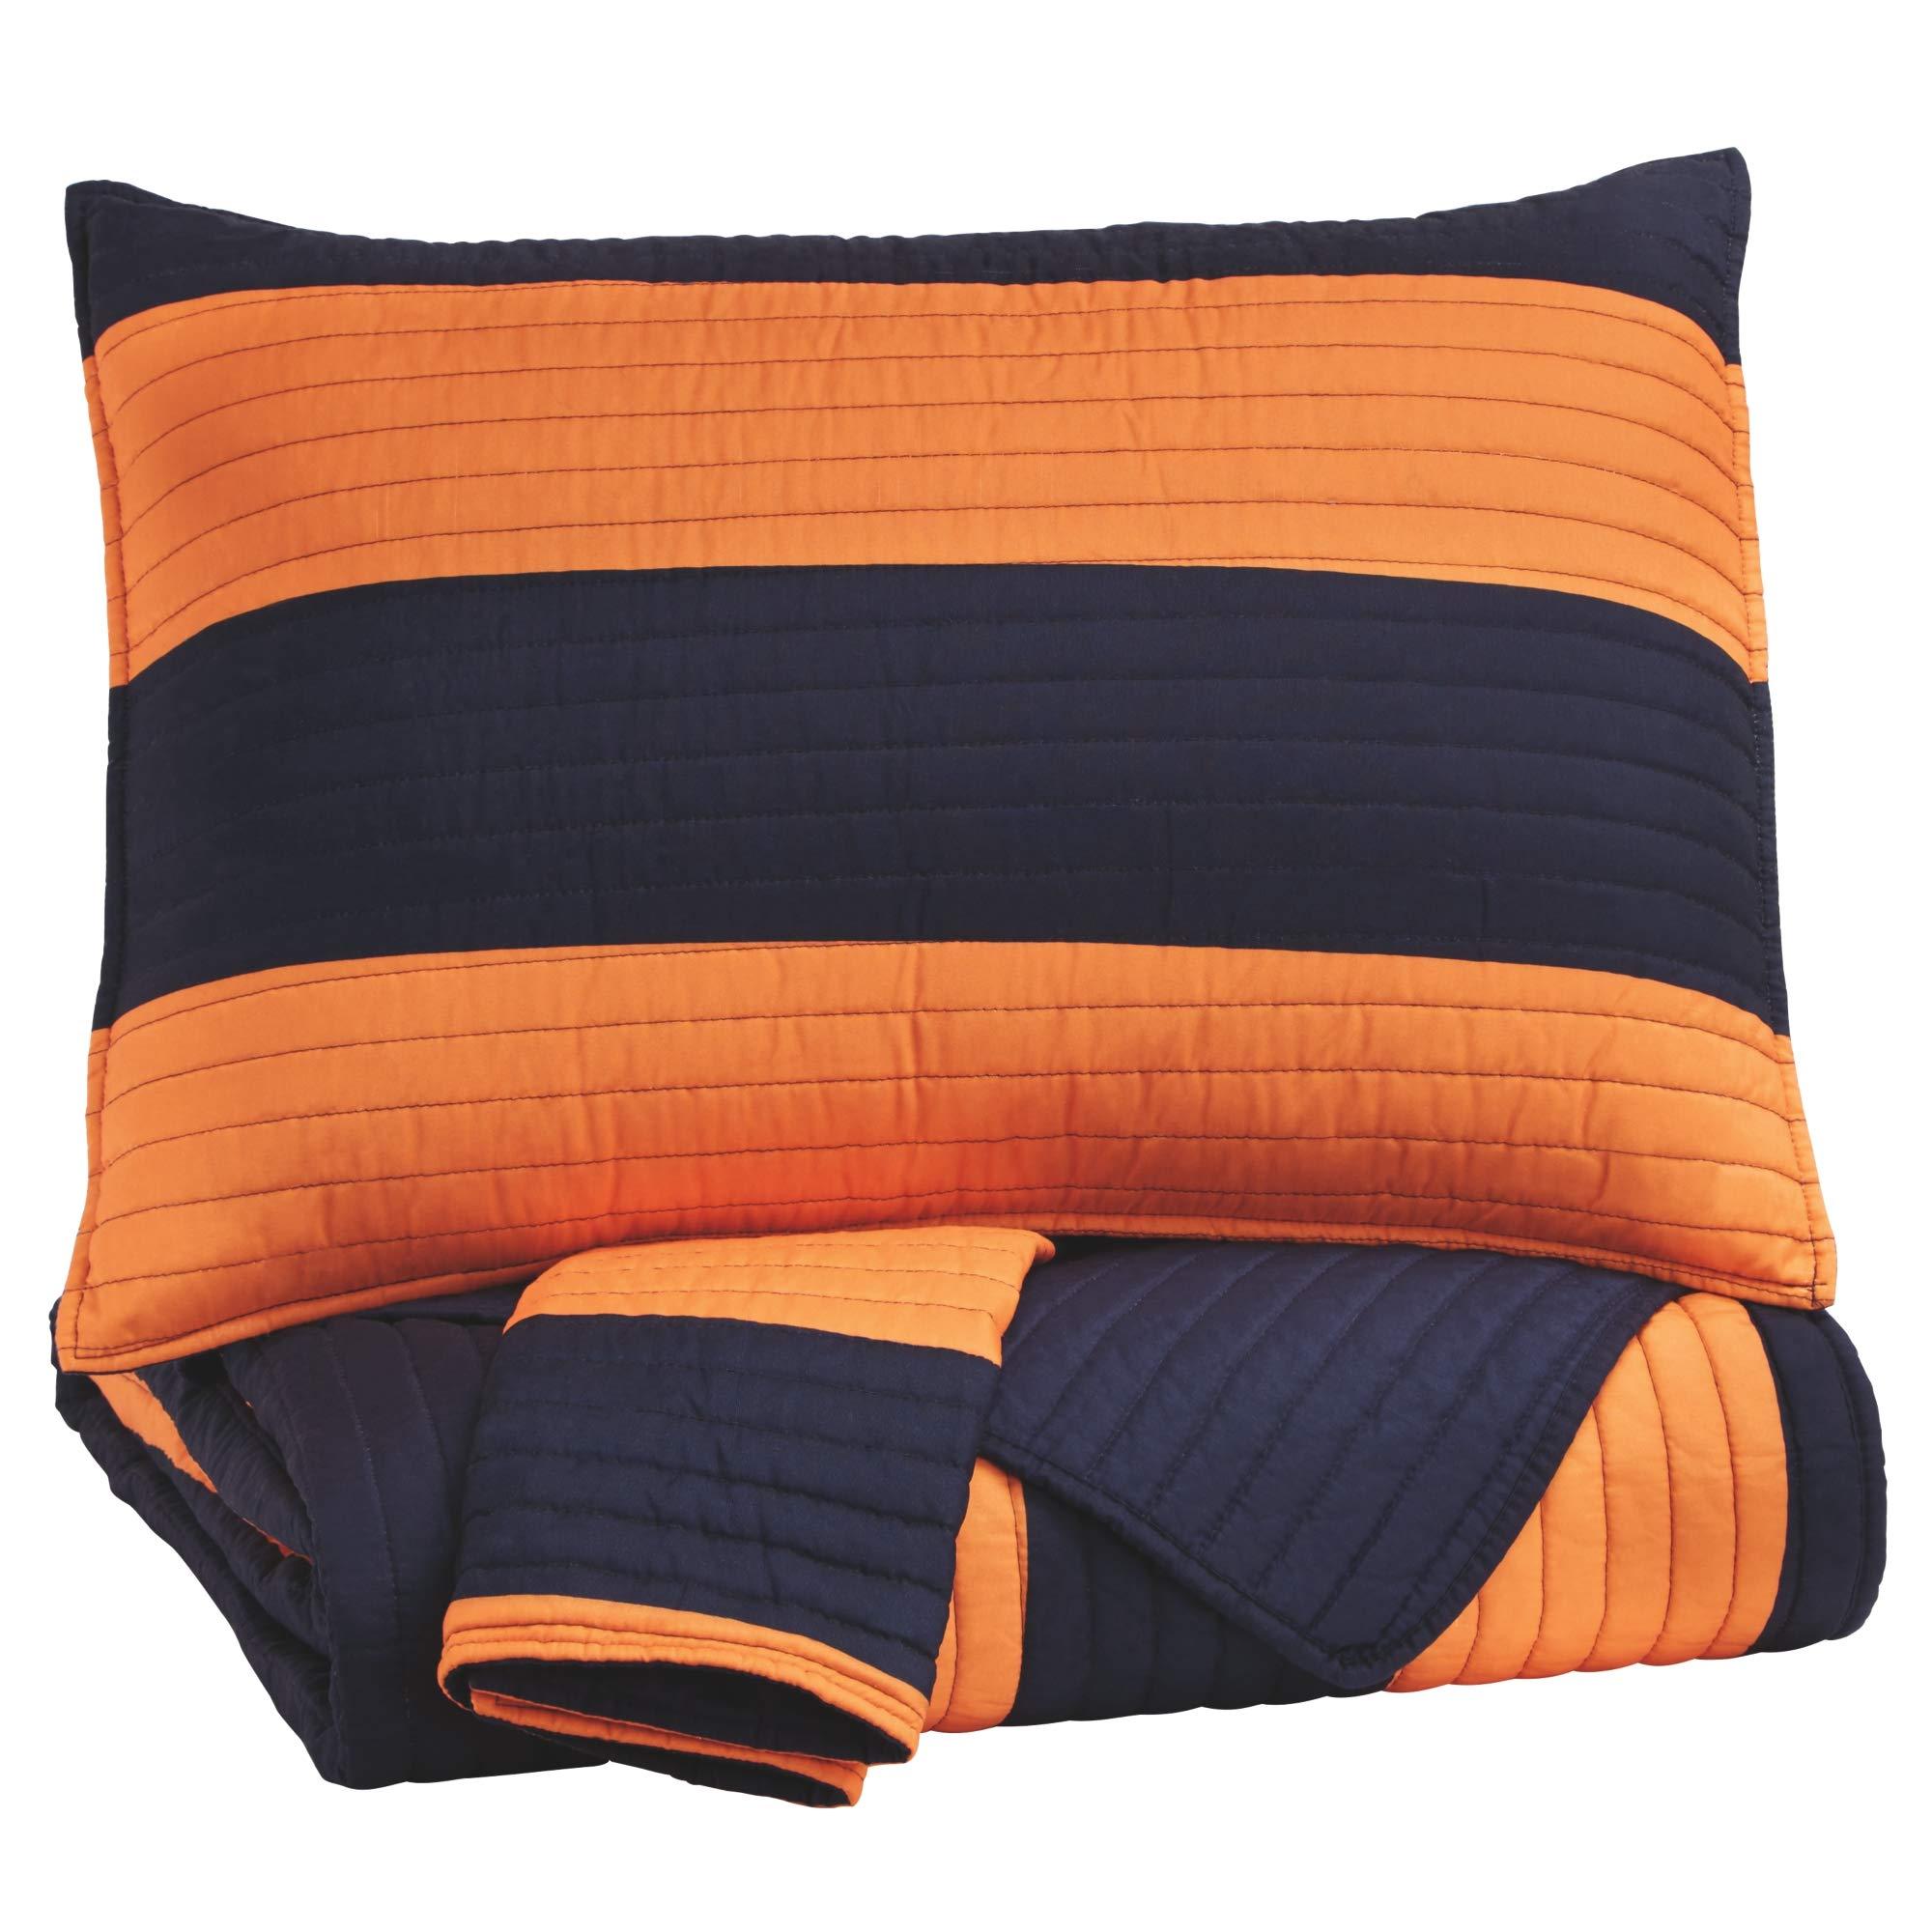 Ashley Furniture Signature Design - Nixon Coverlet Set - Full - Youth - Orange/Navy by Signature Design by Ashley